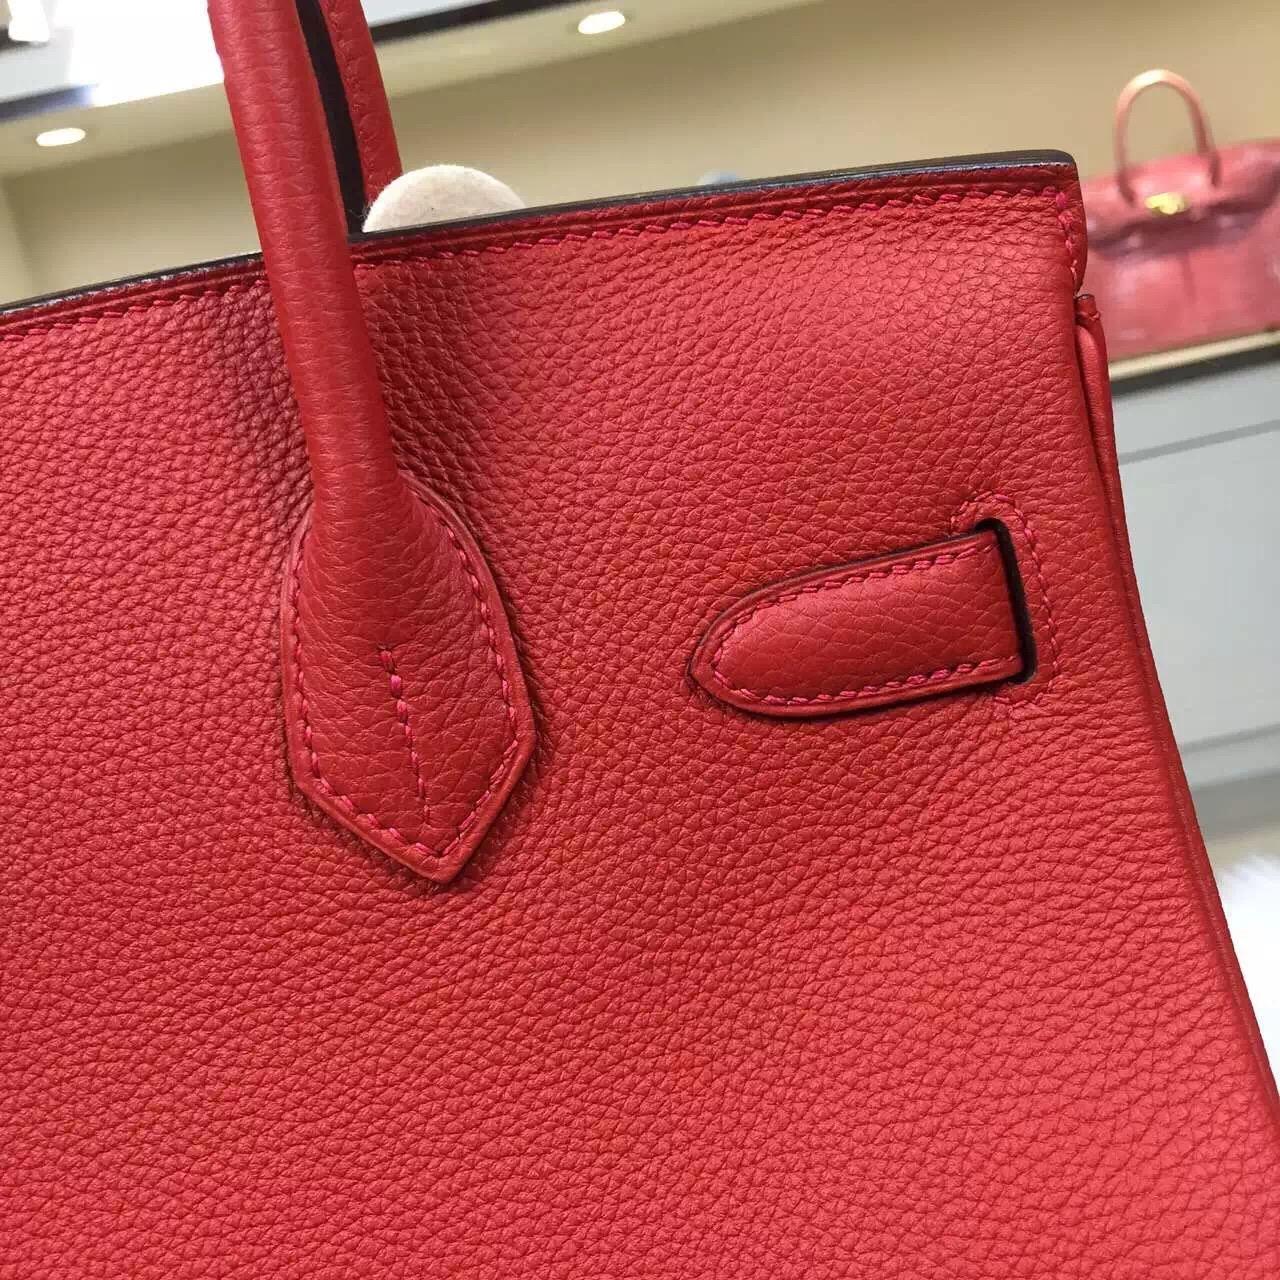 Discount Hermes Q5 Flag Red Original Togo Leather Birkin Bag 30CM